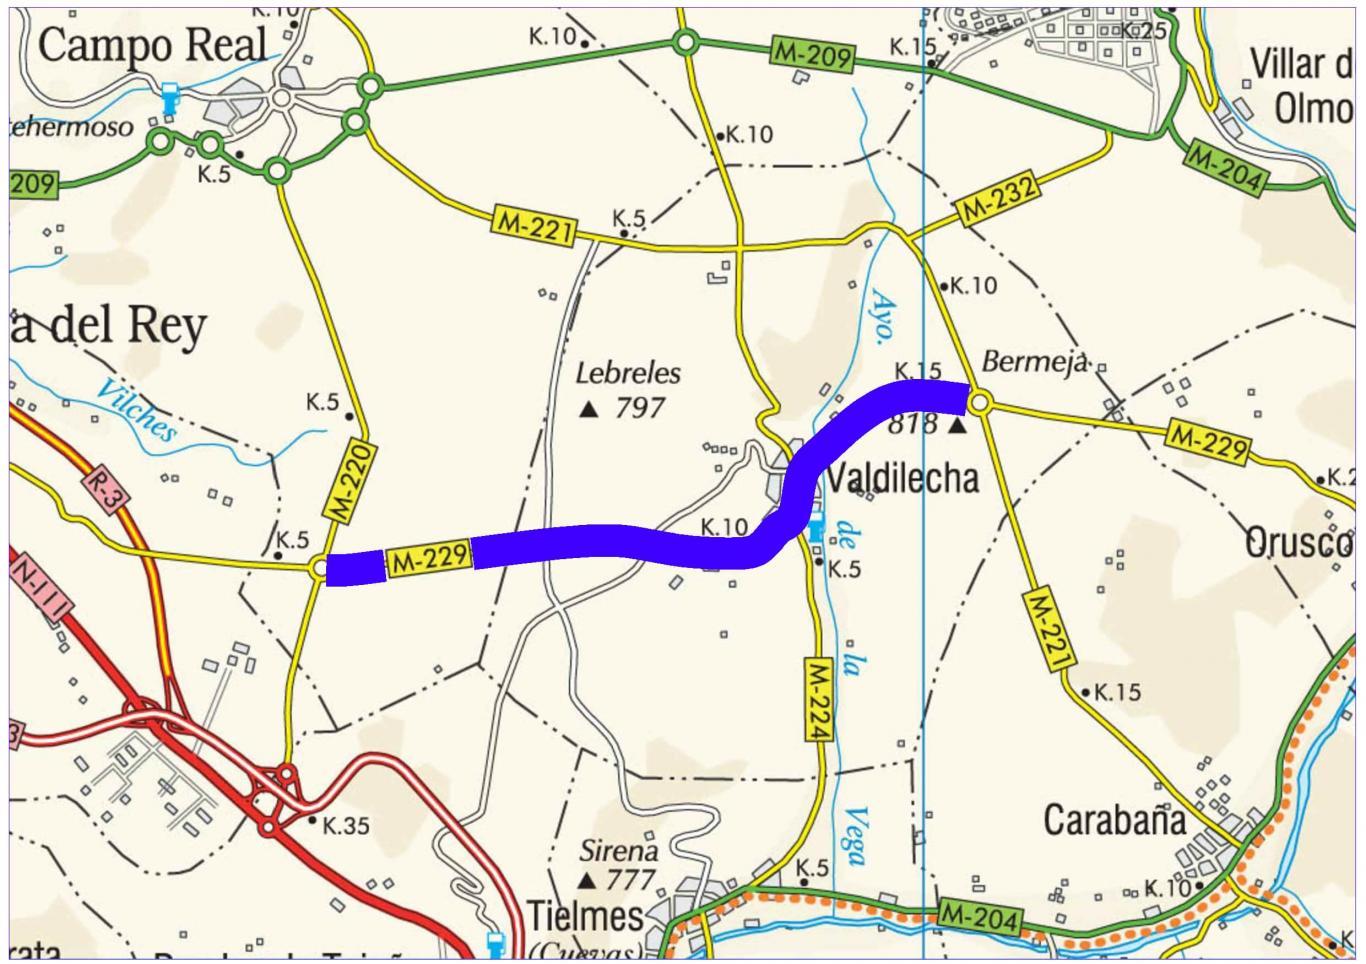 Plano de situación de la obra M-229 pk 5,300-15,500